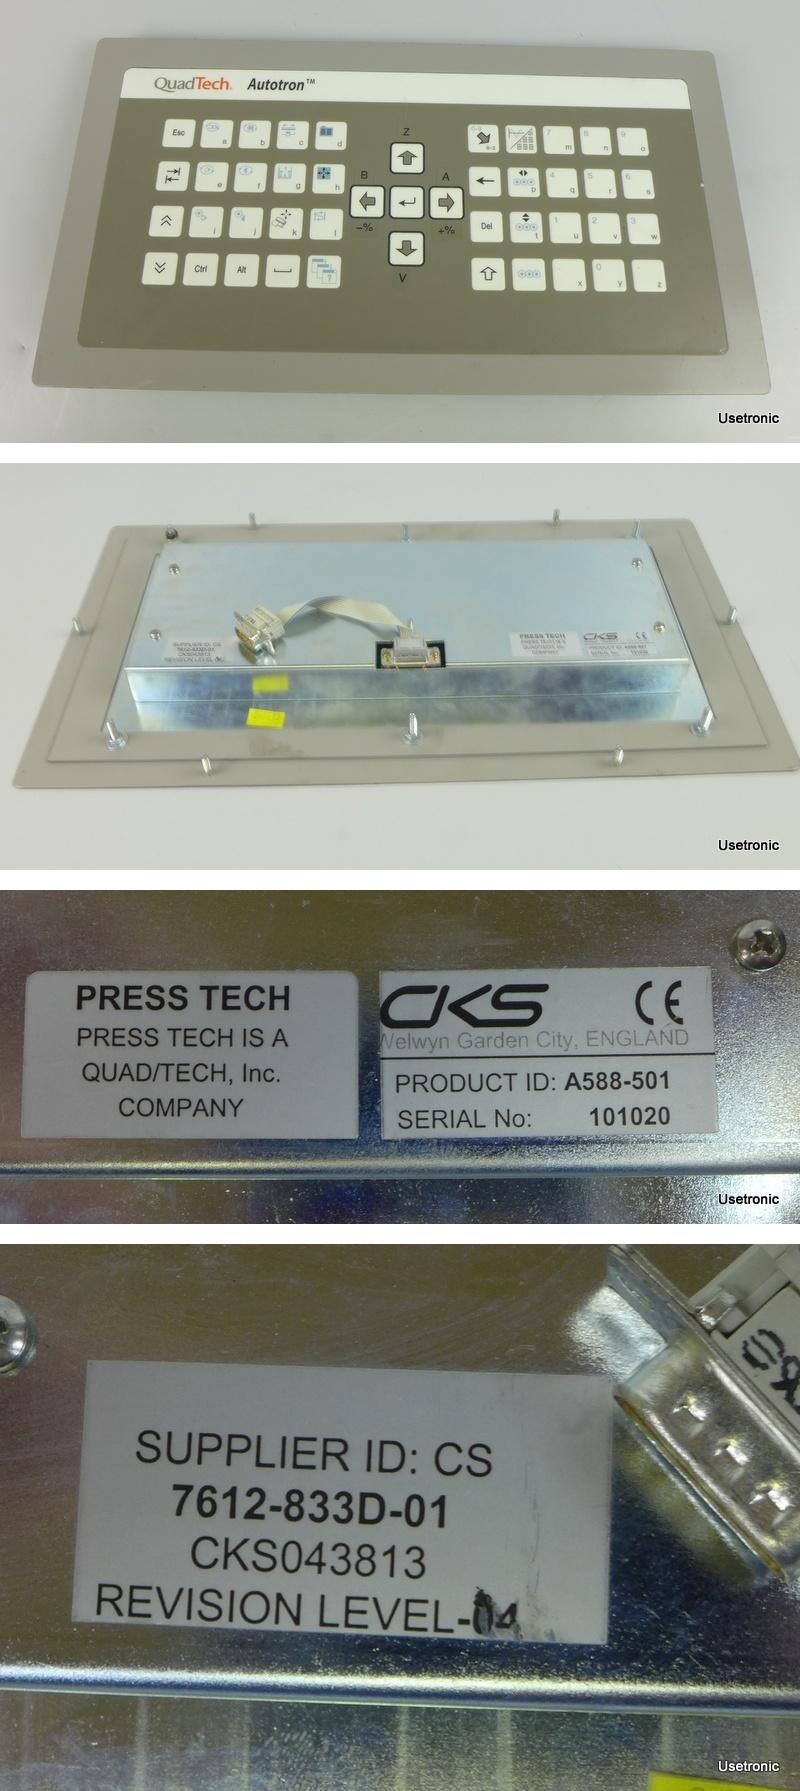 QuadTech Presstech Autotron Panel 7612-833D-01